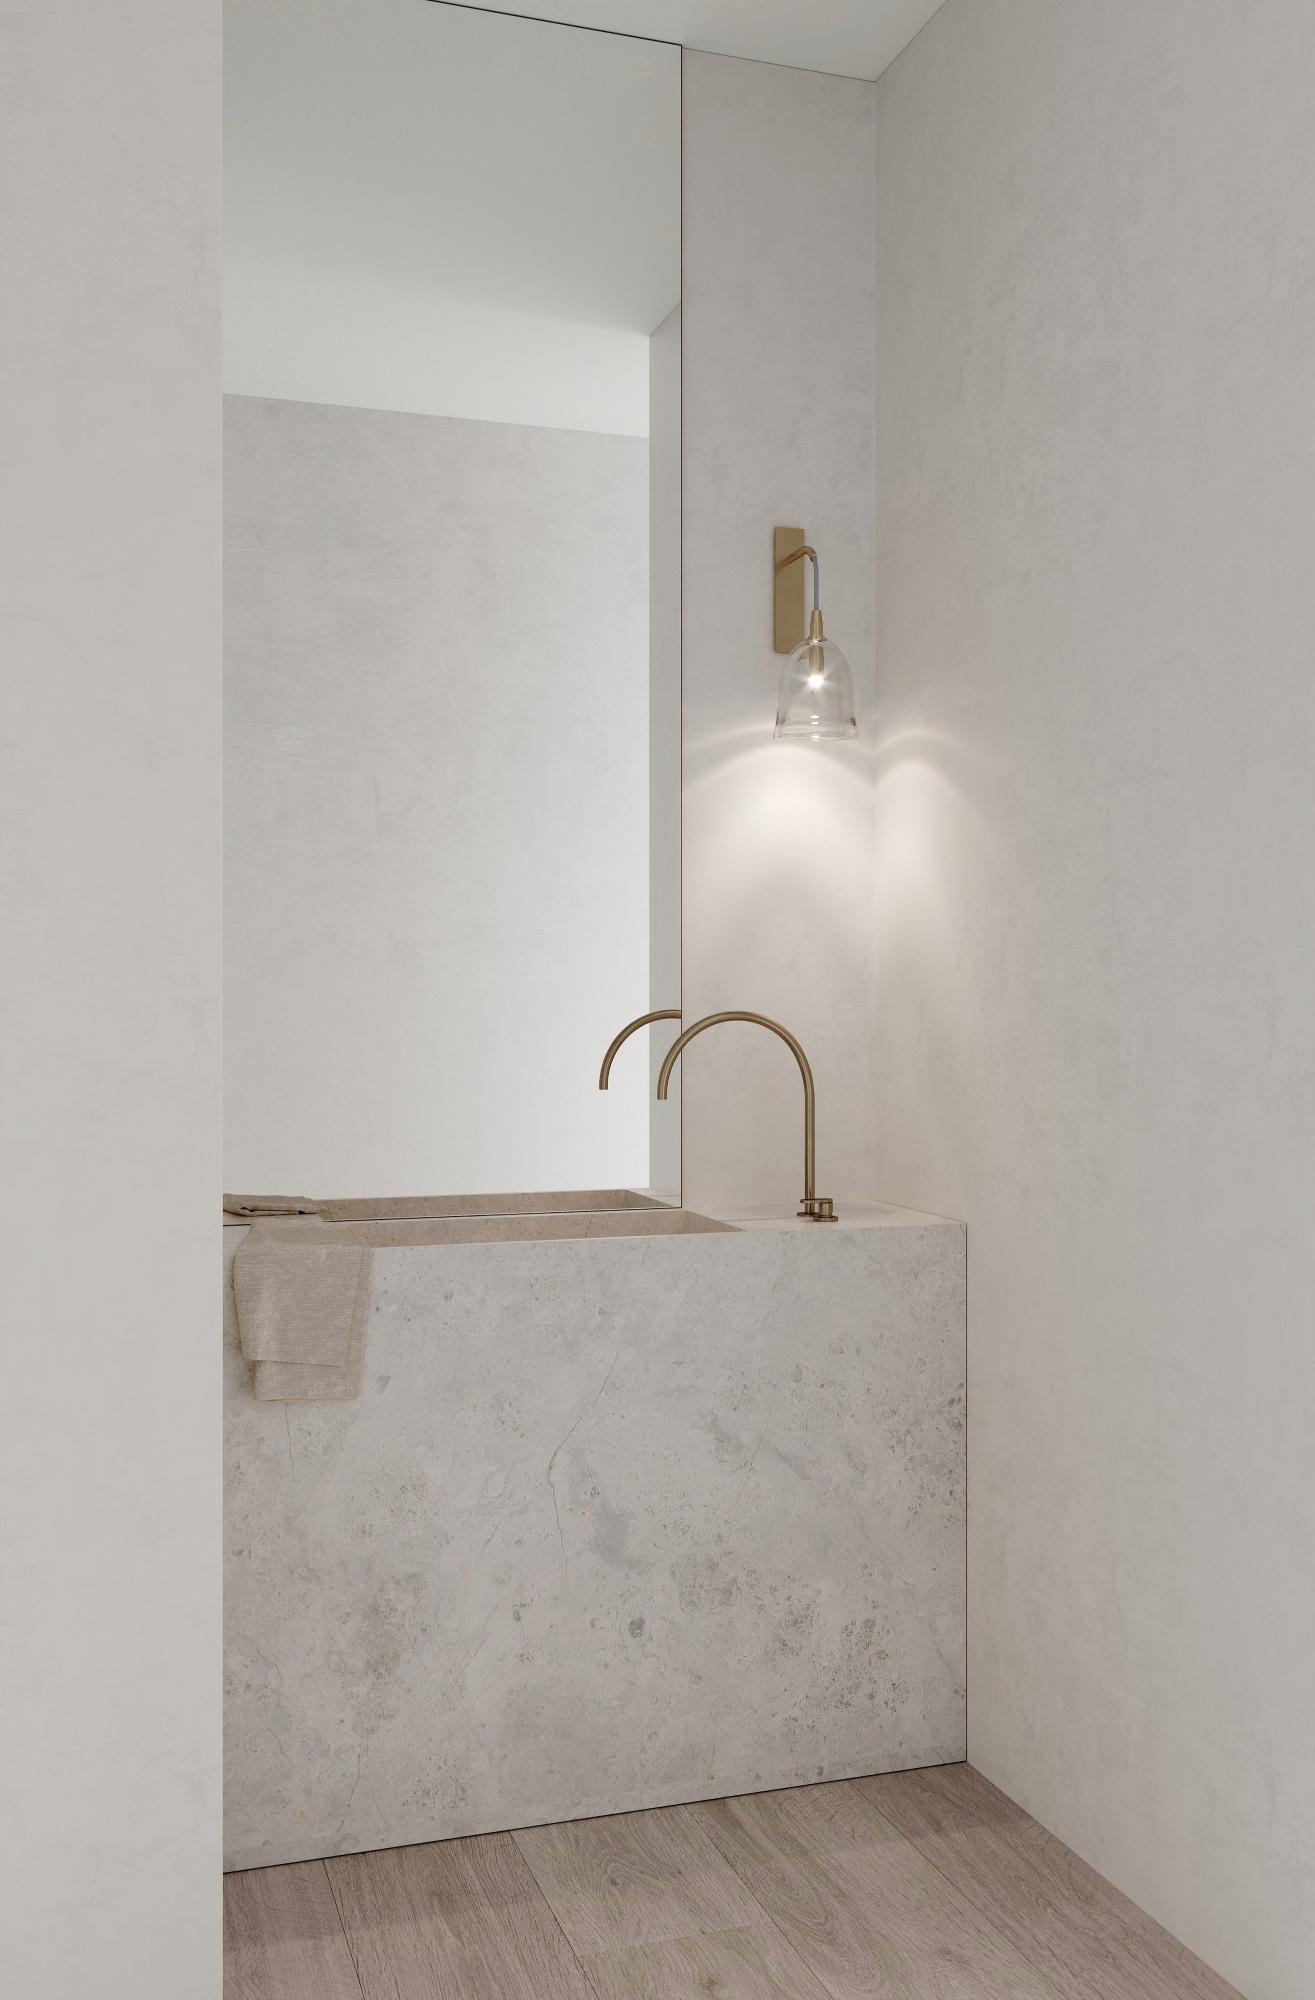 Bathroom with Articolo lighting